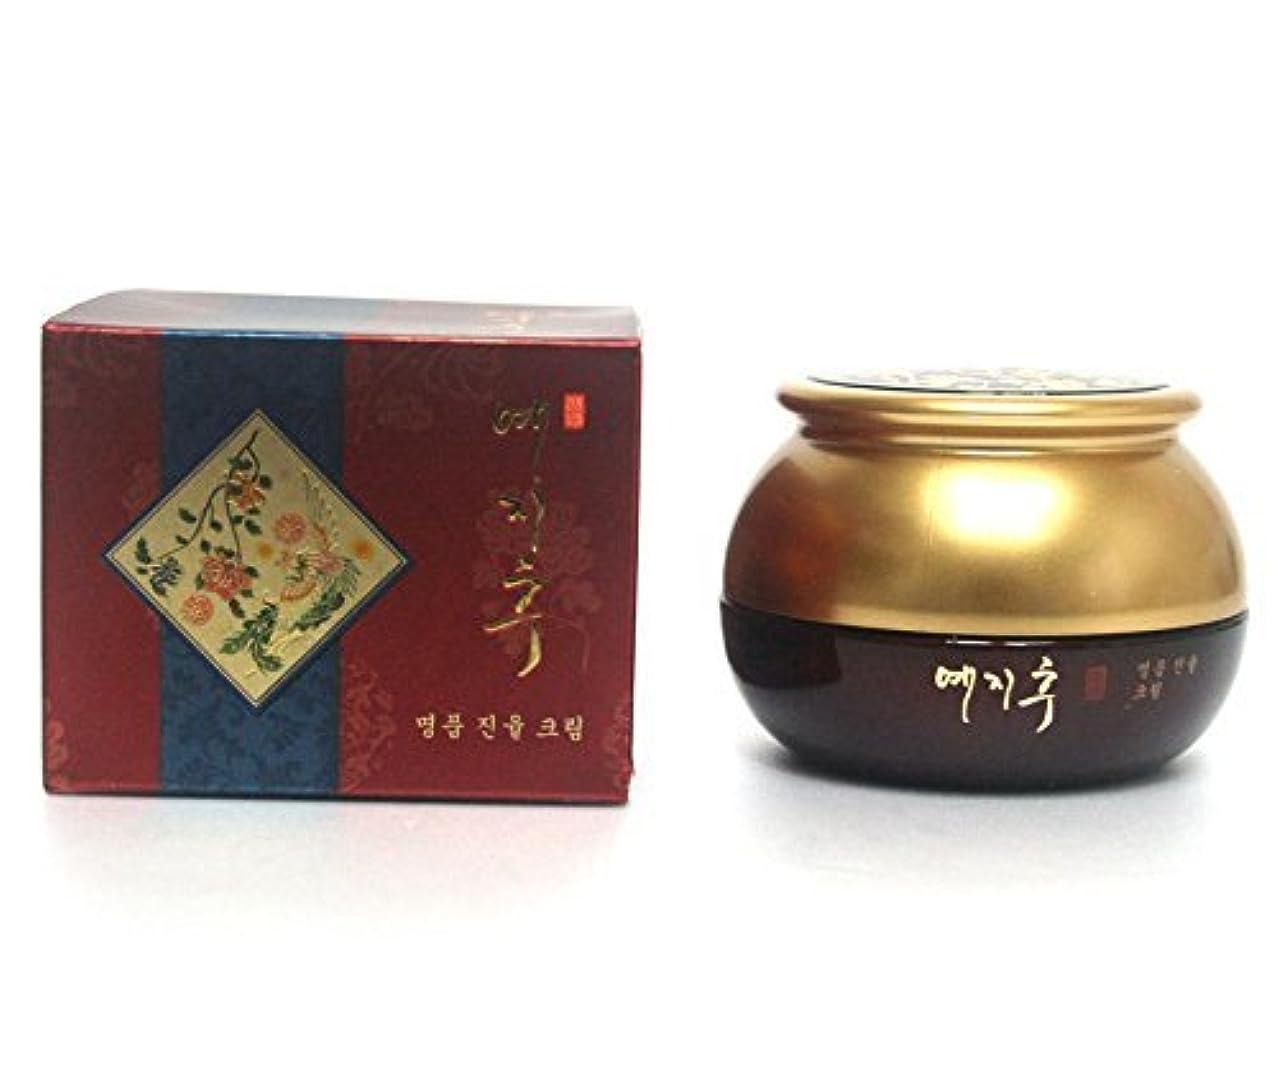 月曜日悲しいことにメーター[YEZIHU] 紅参クリーム50g / ナチュラルオリエンタルハーブ / 韓国化粧品 / RED Ginseng Cream 50g / Natural Oriental Herbs / Korean Cosmetics...